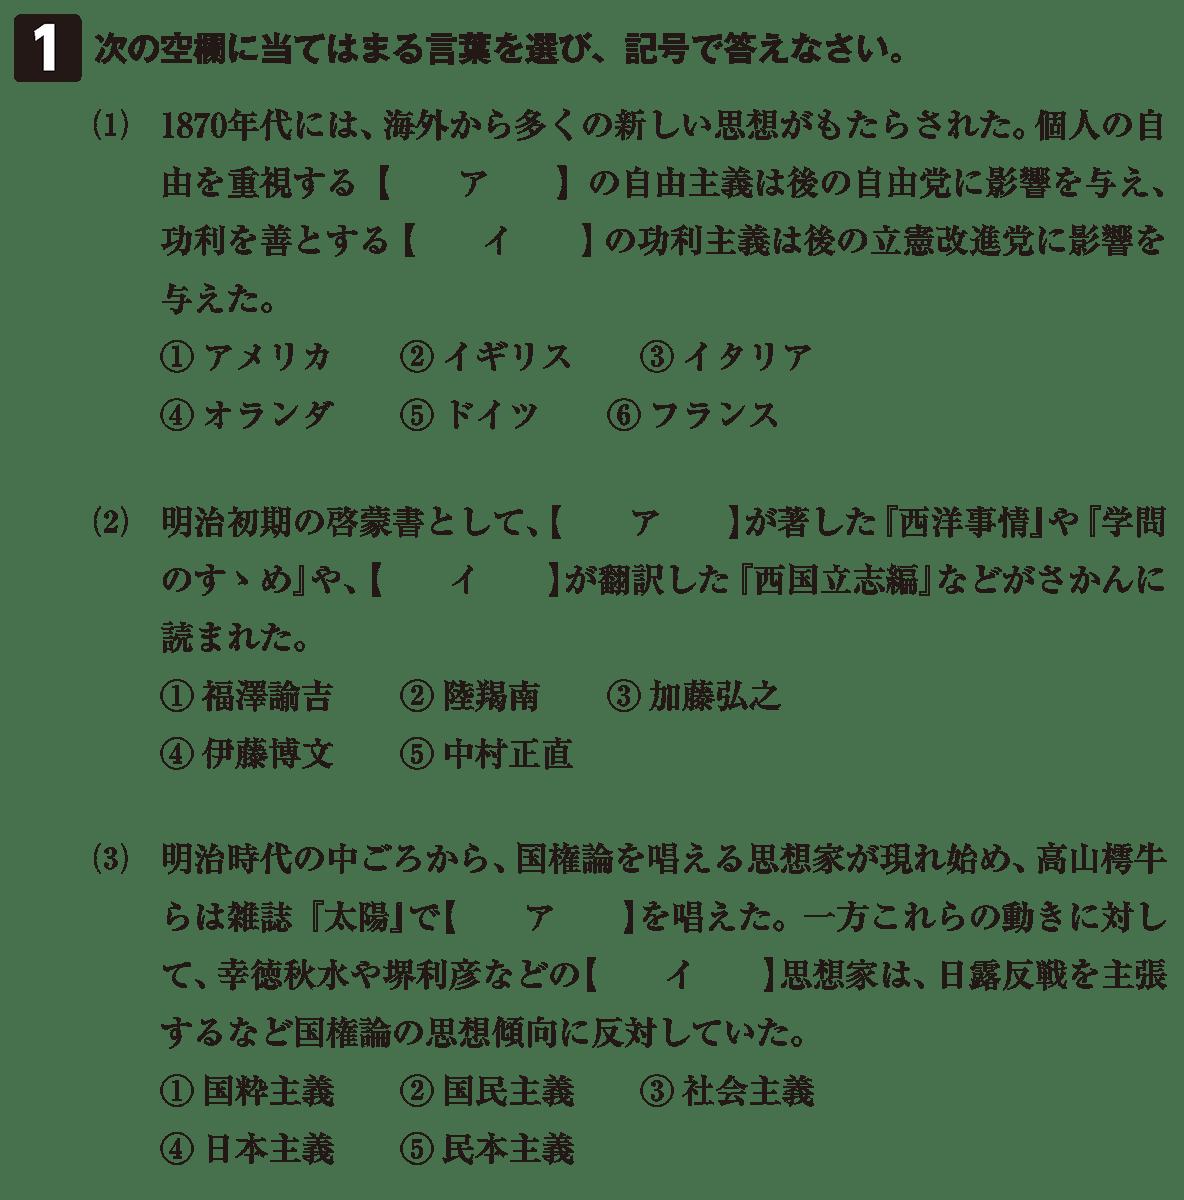 近現代の文化6 問題1 問題